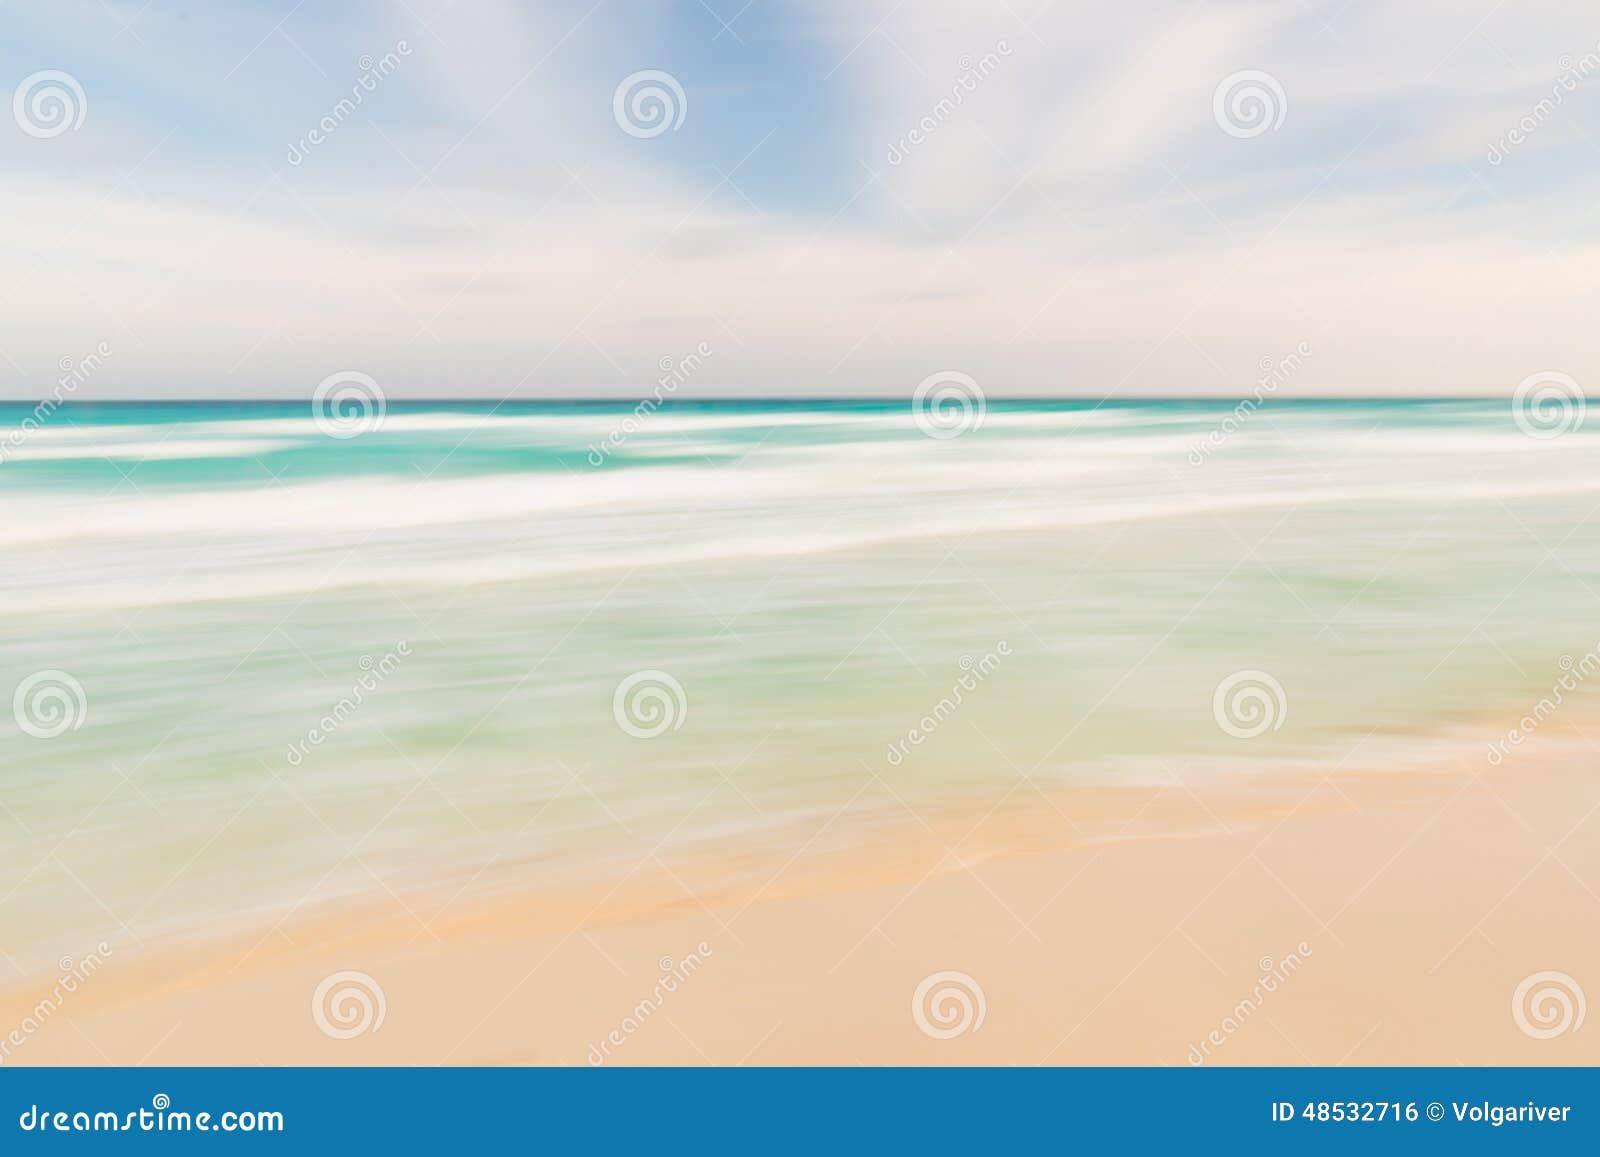 Fondo abstracto de la naturaleza del cielo, del océano y de la playa con la cacerola borrosa